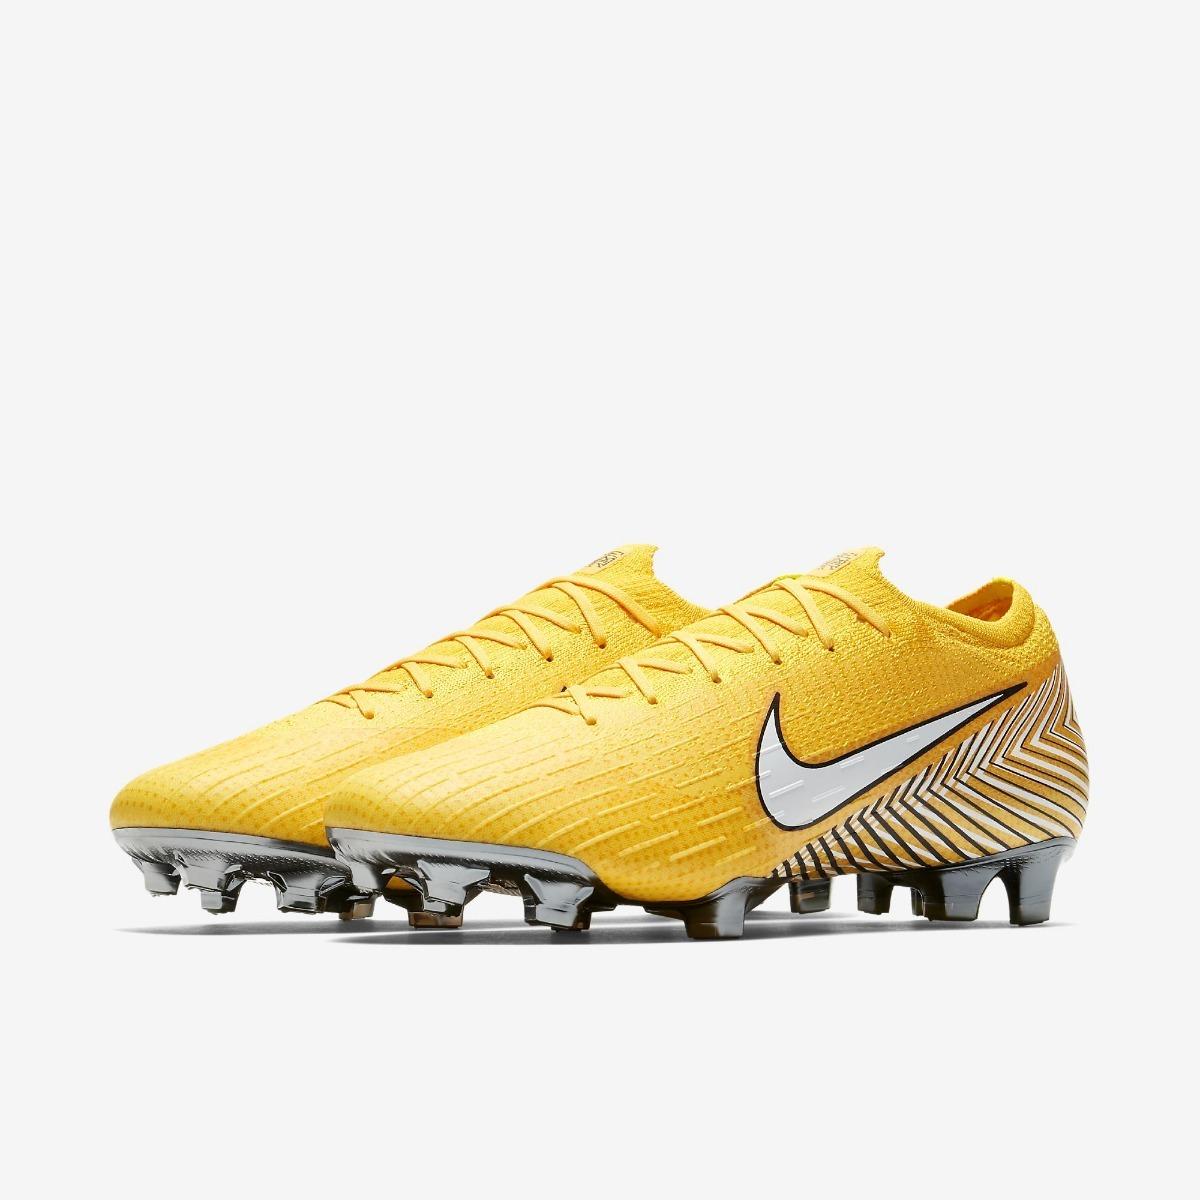 Chuteira Nike Neymar Campo Profissional Frete Grátis - R  475 d78228ad11168